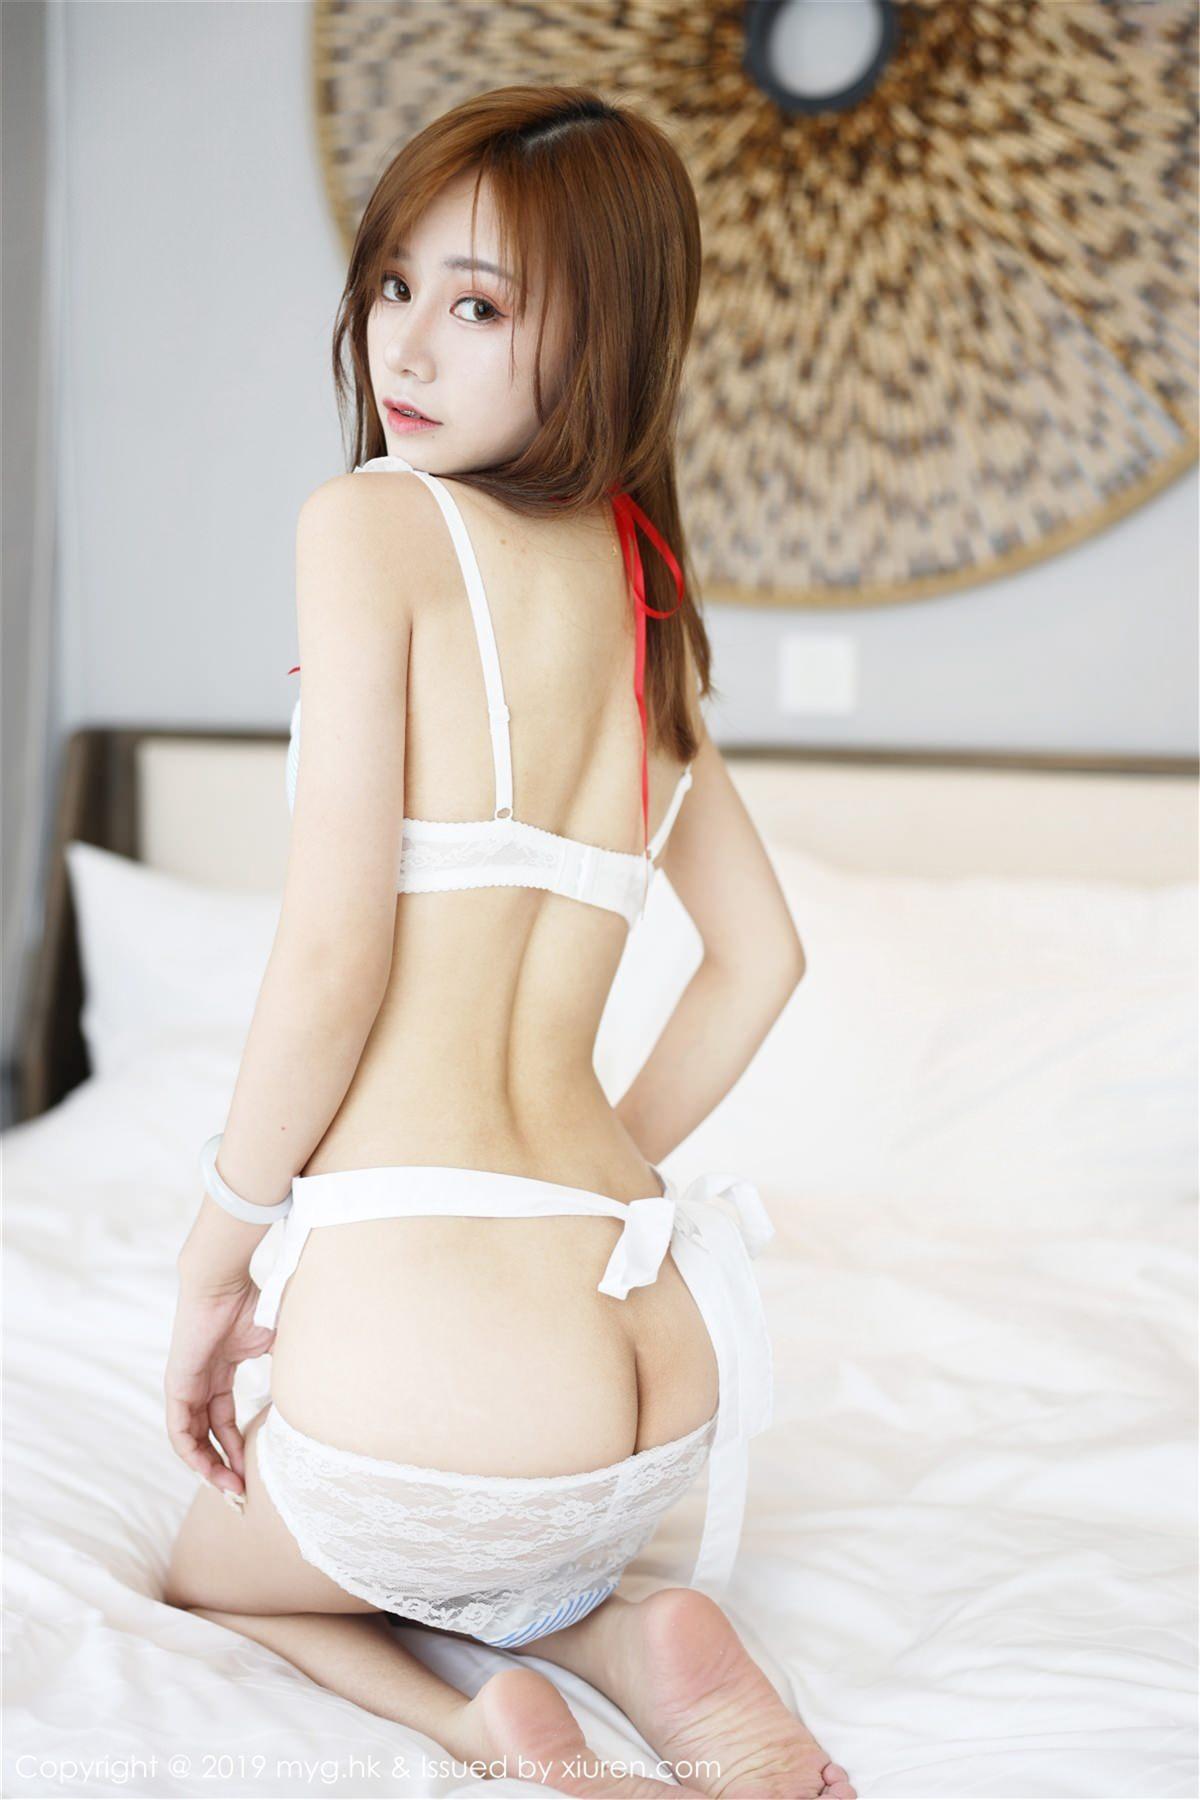 MyGirl Vol.356 30P, mygirl, Yu Zhu